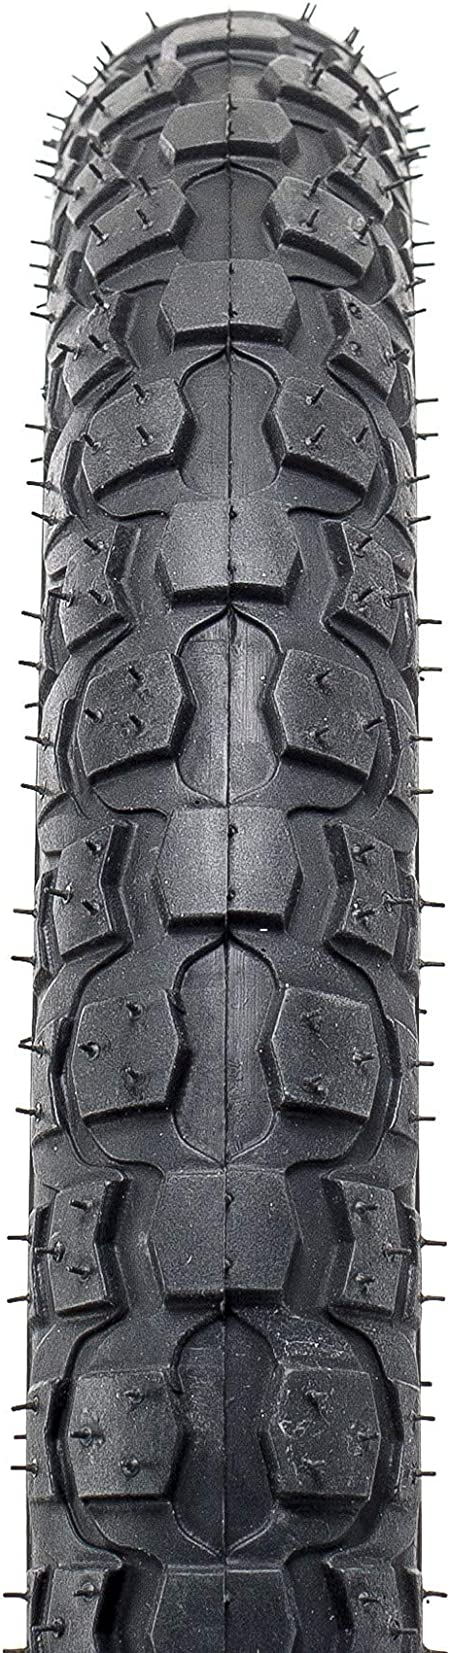 57 305 AMIGO Mantel Außen Reifen Ortem M150016 x 2.125 schwarz